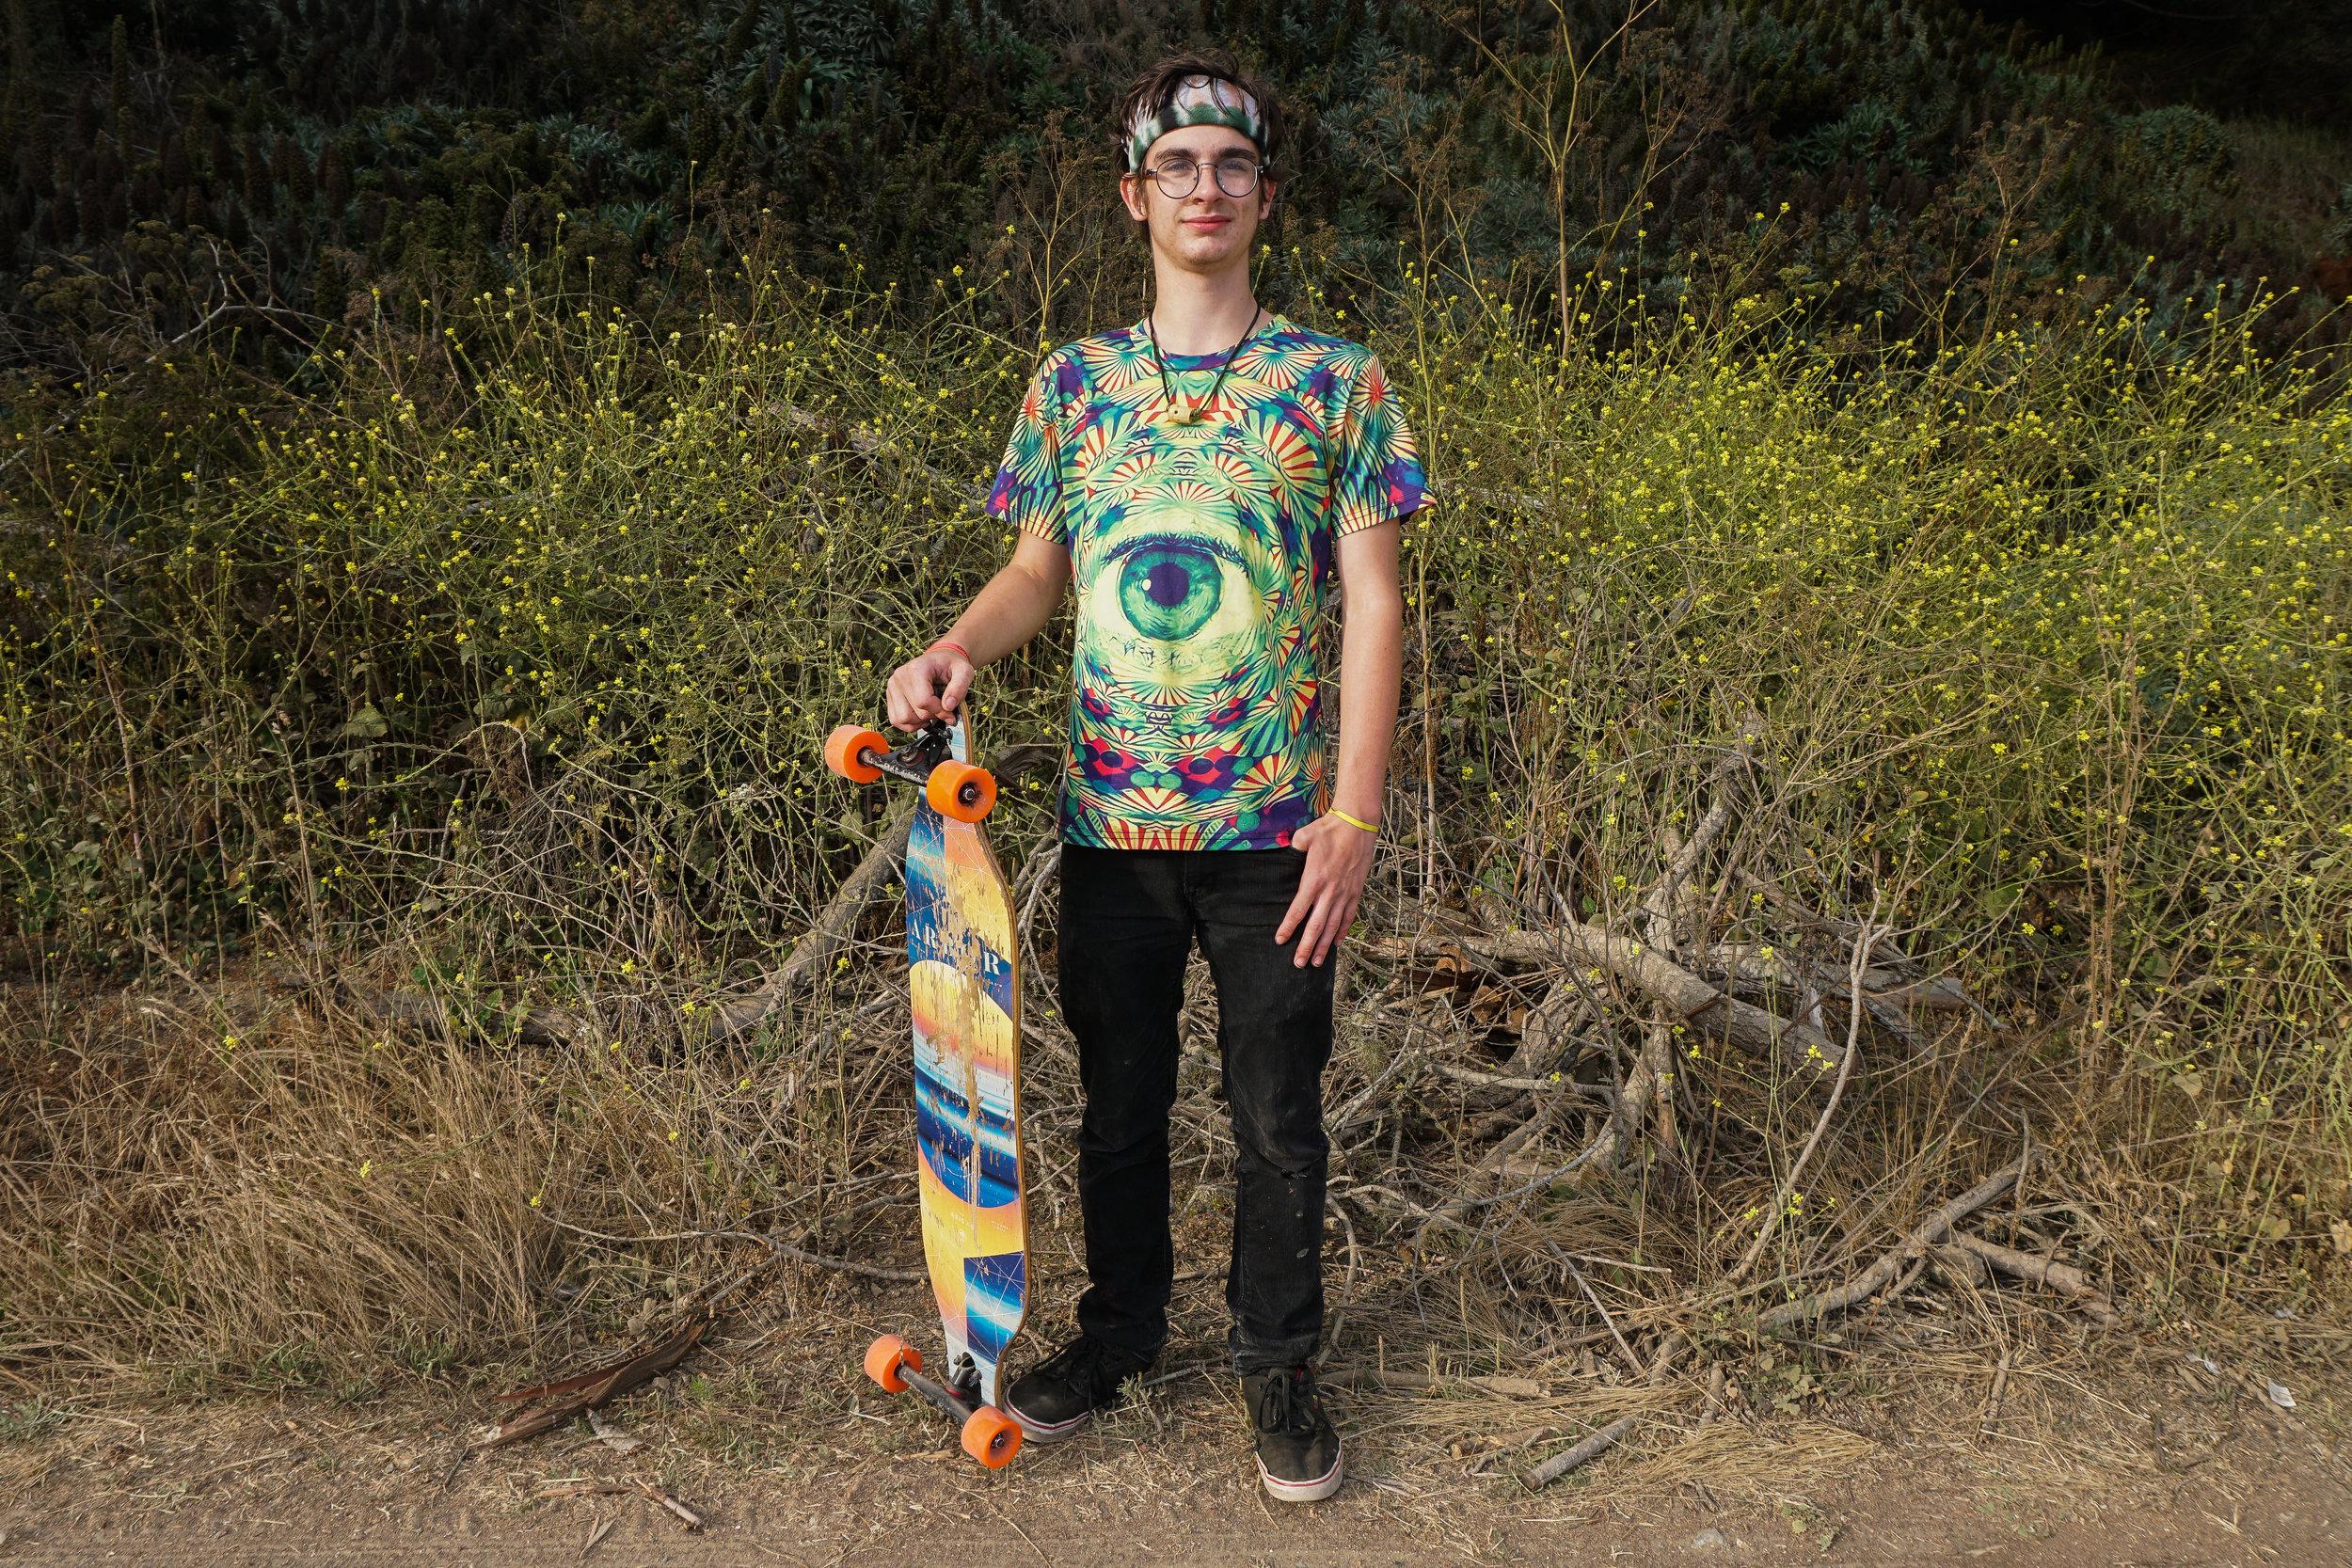 Skateboard-stinson-Gabe-6nn-07493.jpg